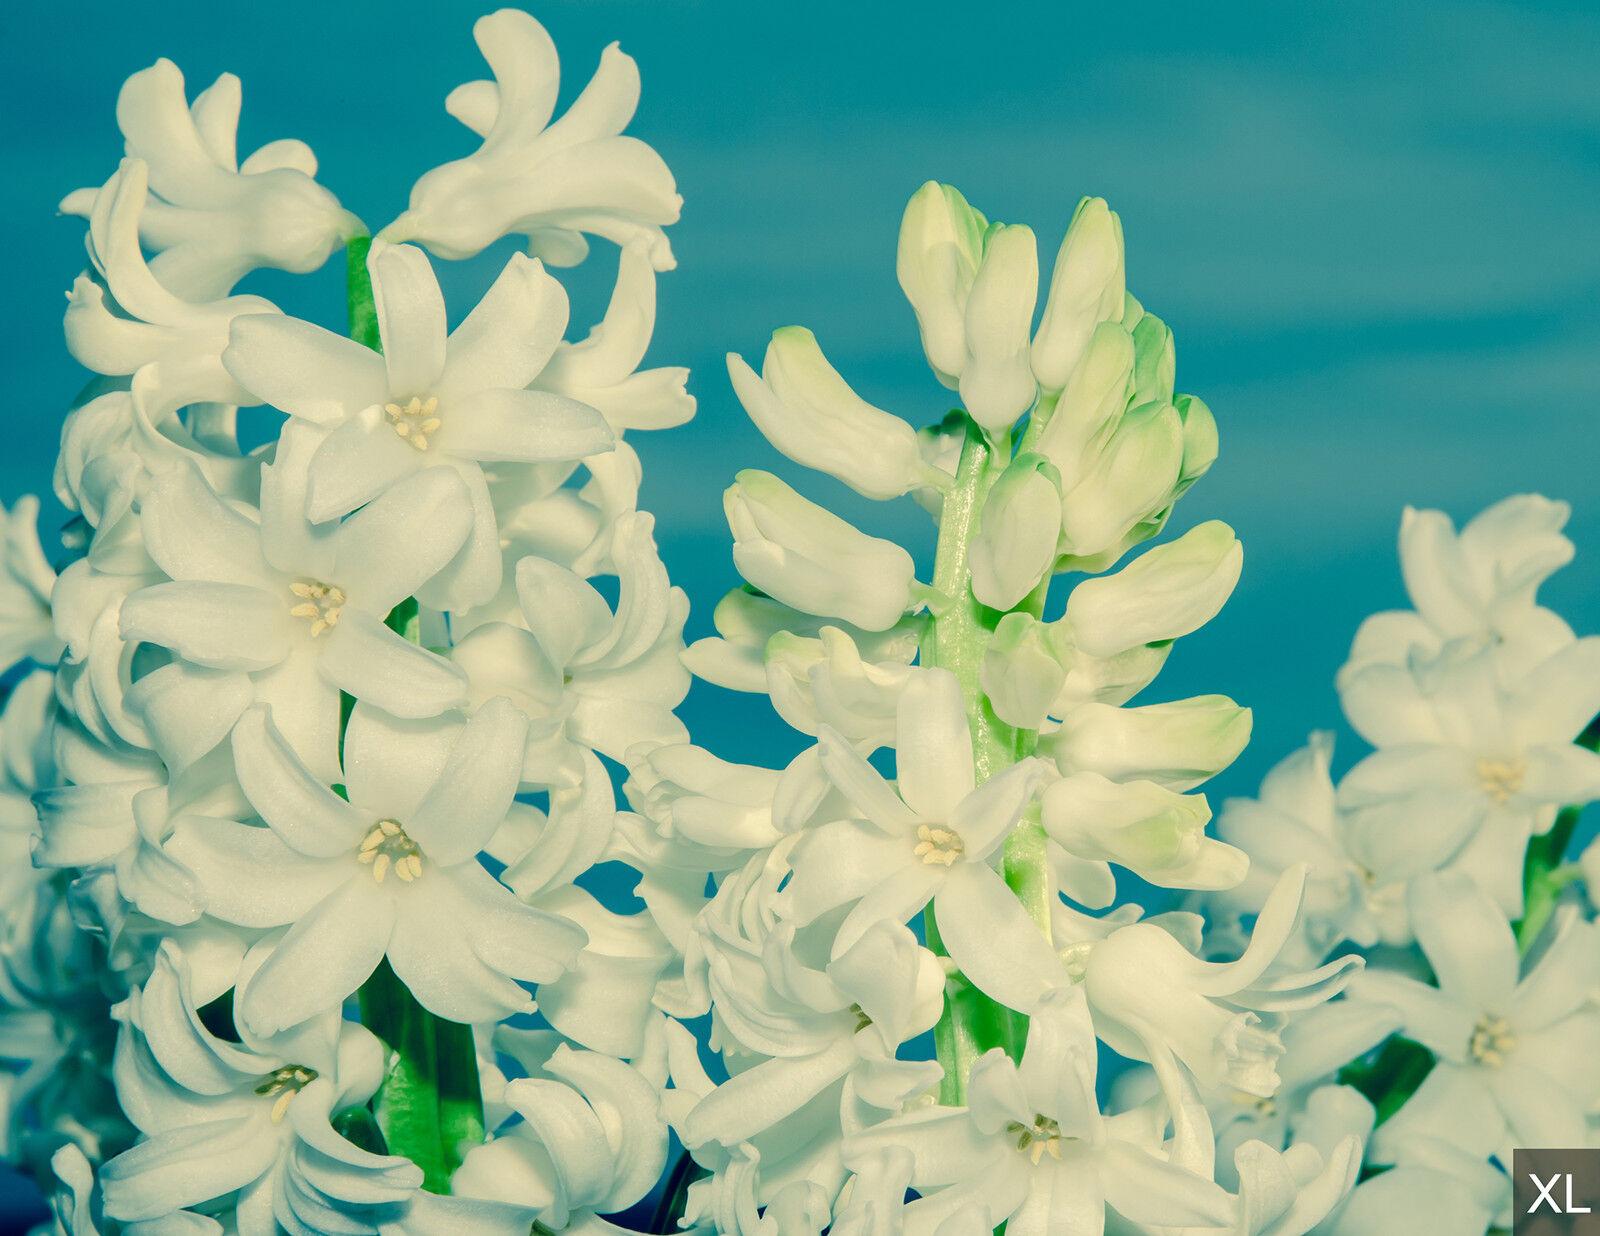 Papier peint toile rapprocheHommes t sur les fleurs-papiers fleurs-papiers les peints   pour chambre fdb208 d9c51a